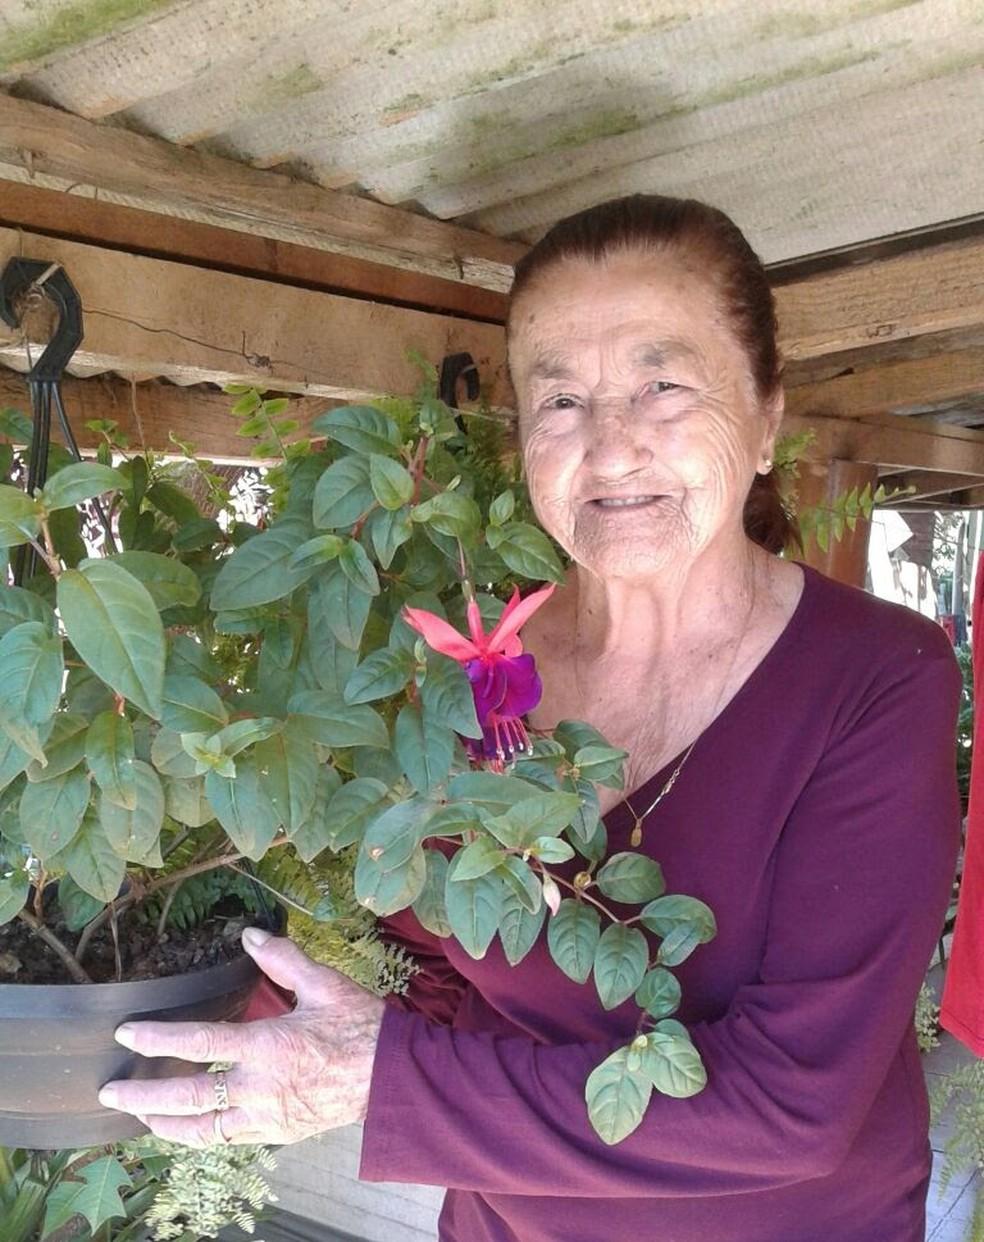 Dona Vitalina está na casa da filha, em quarentena, e espera poder voltar logo para a fazenda dela, em Leópolis — Foto: Vitalina dos Santos/Arquivo pessoal